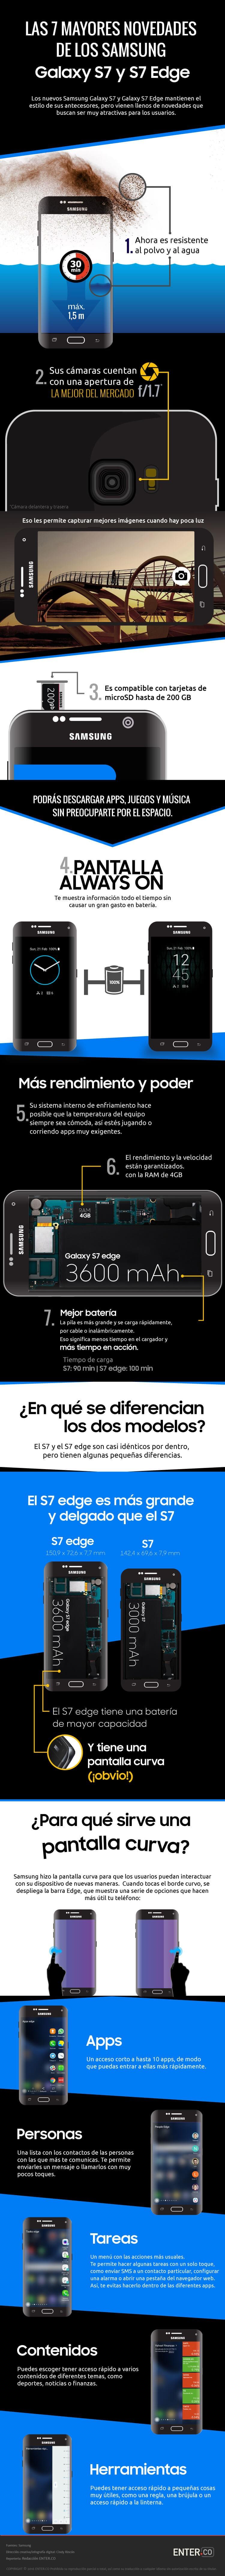 Principales novedades del Samsung Galaxy S7 y S7 Edge